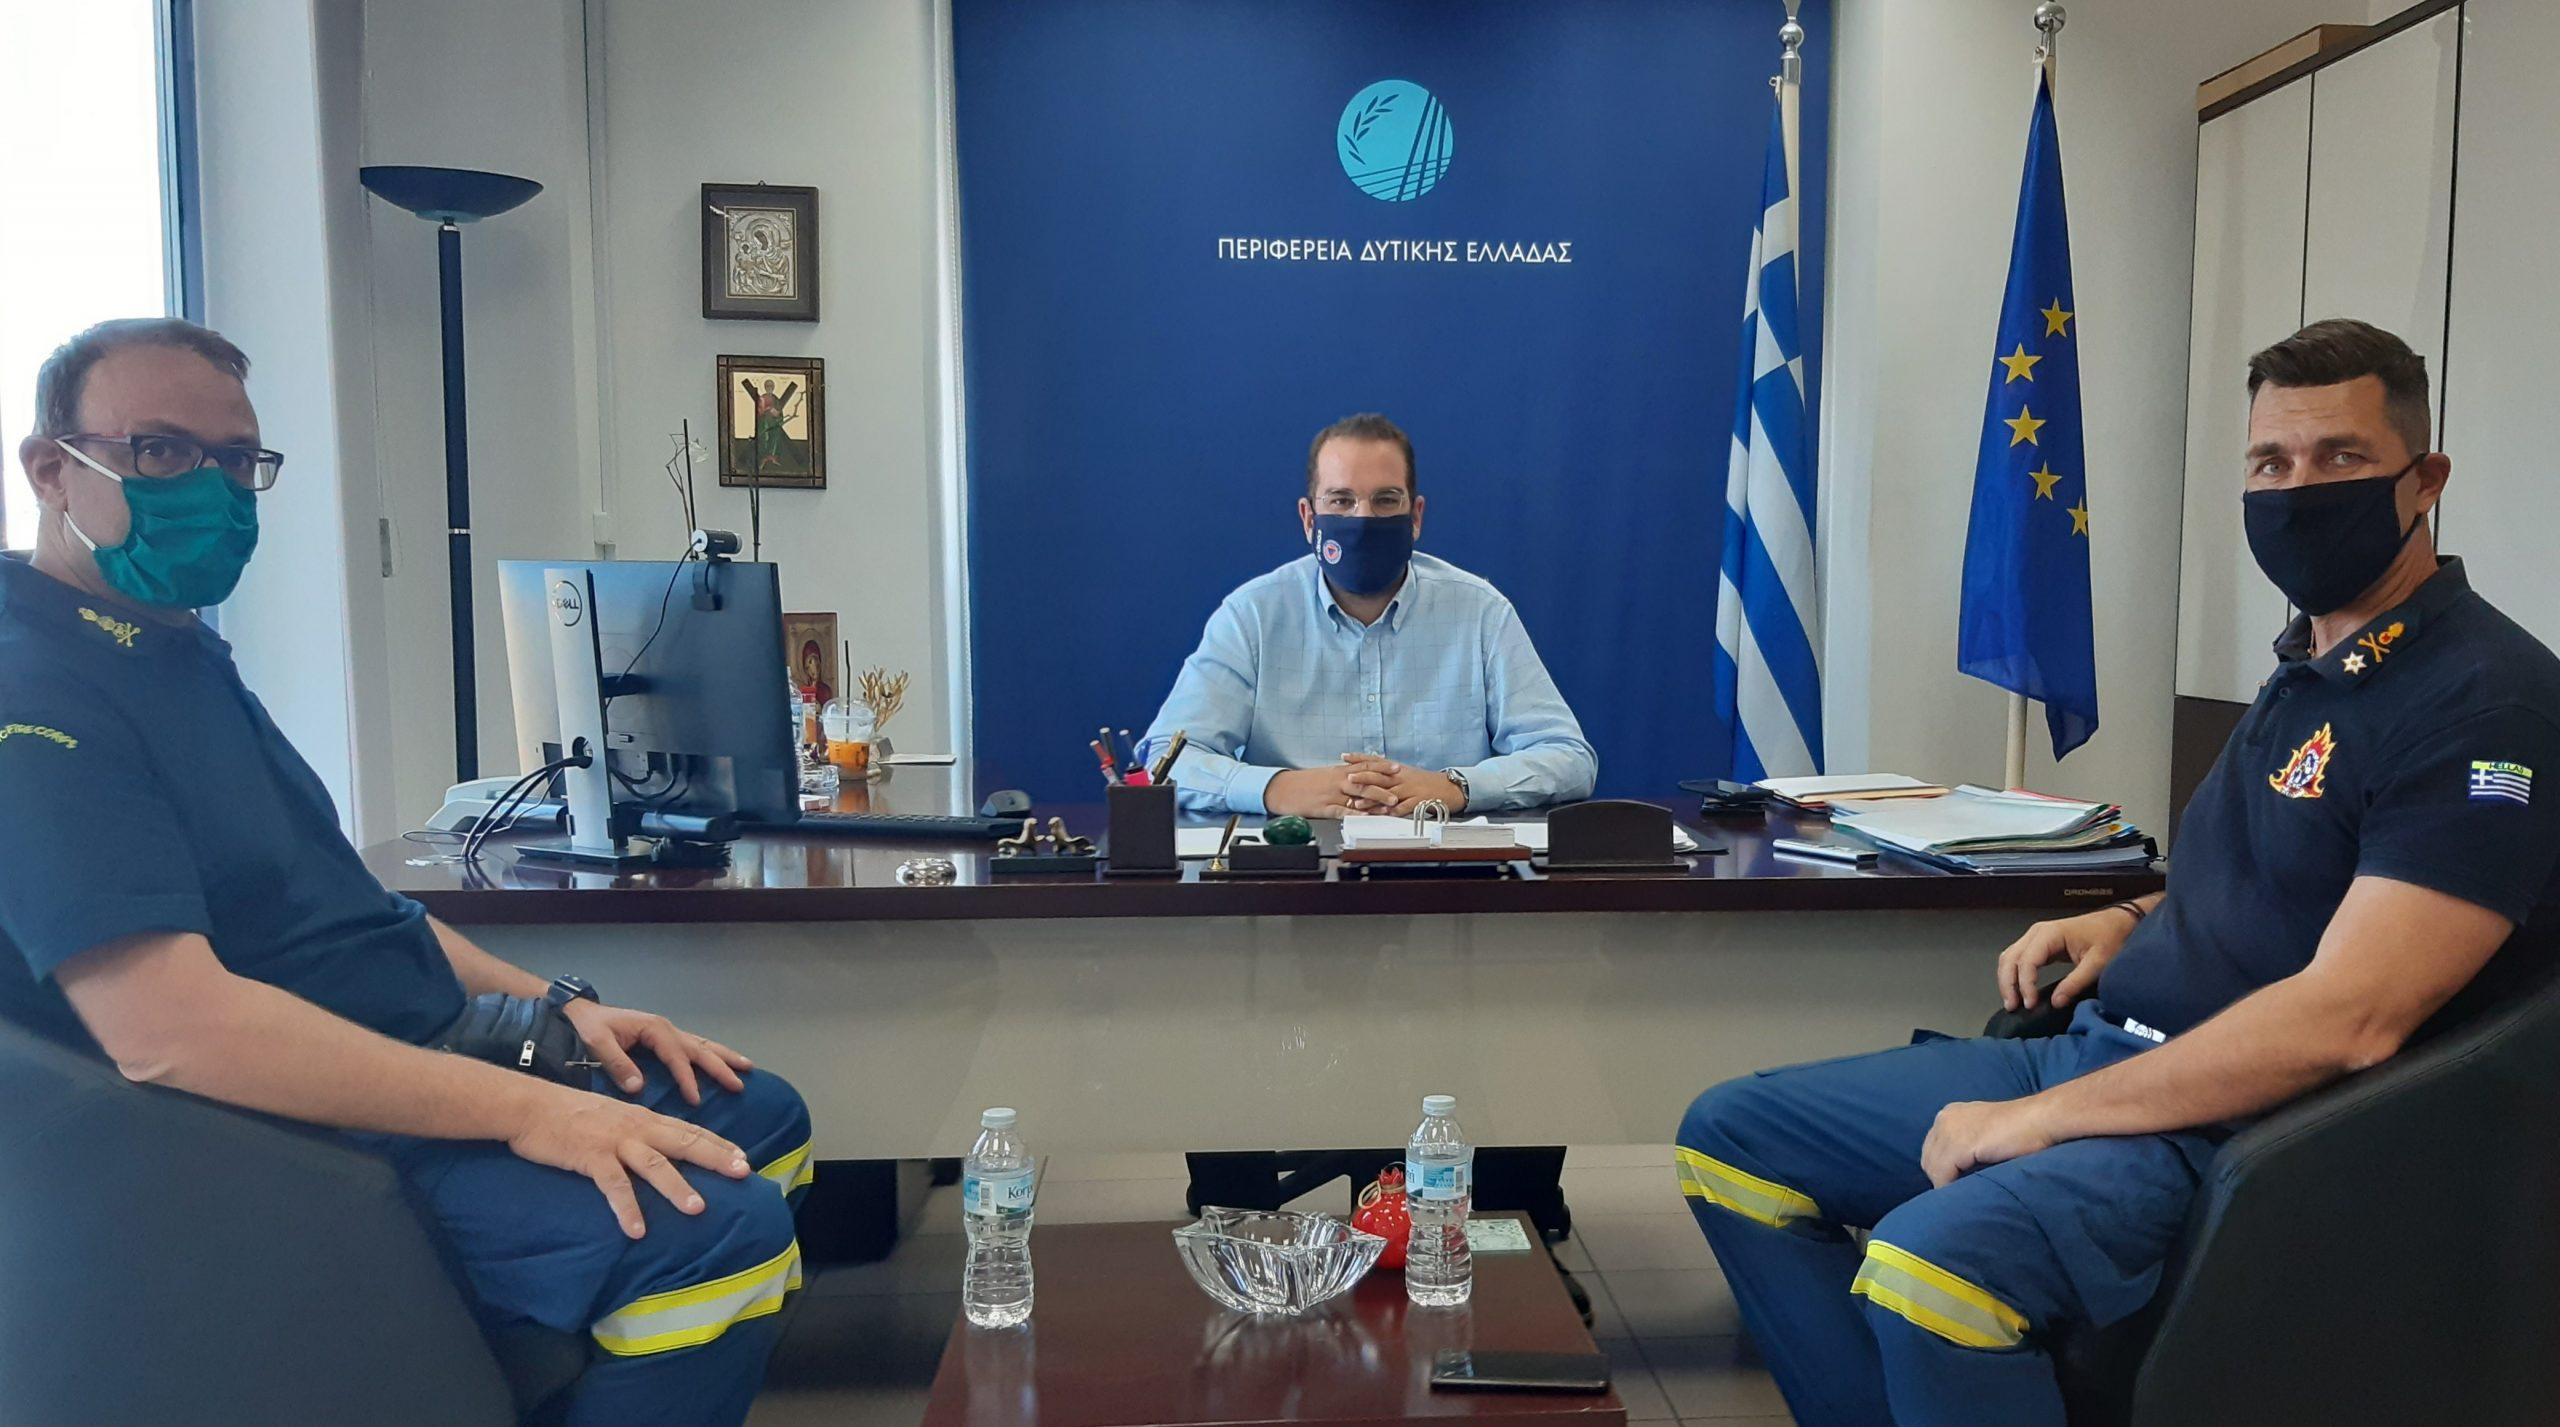 Σε διαρκή ετοιμότητα και επιφυλακή η Περιφέρεια Δυτικής Ελλάδας για το ενδεχόμενο πυρκαγιών – Διαρκής συνεργασία με την Πυροσβεστική